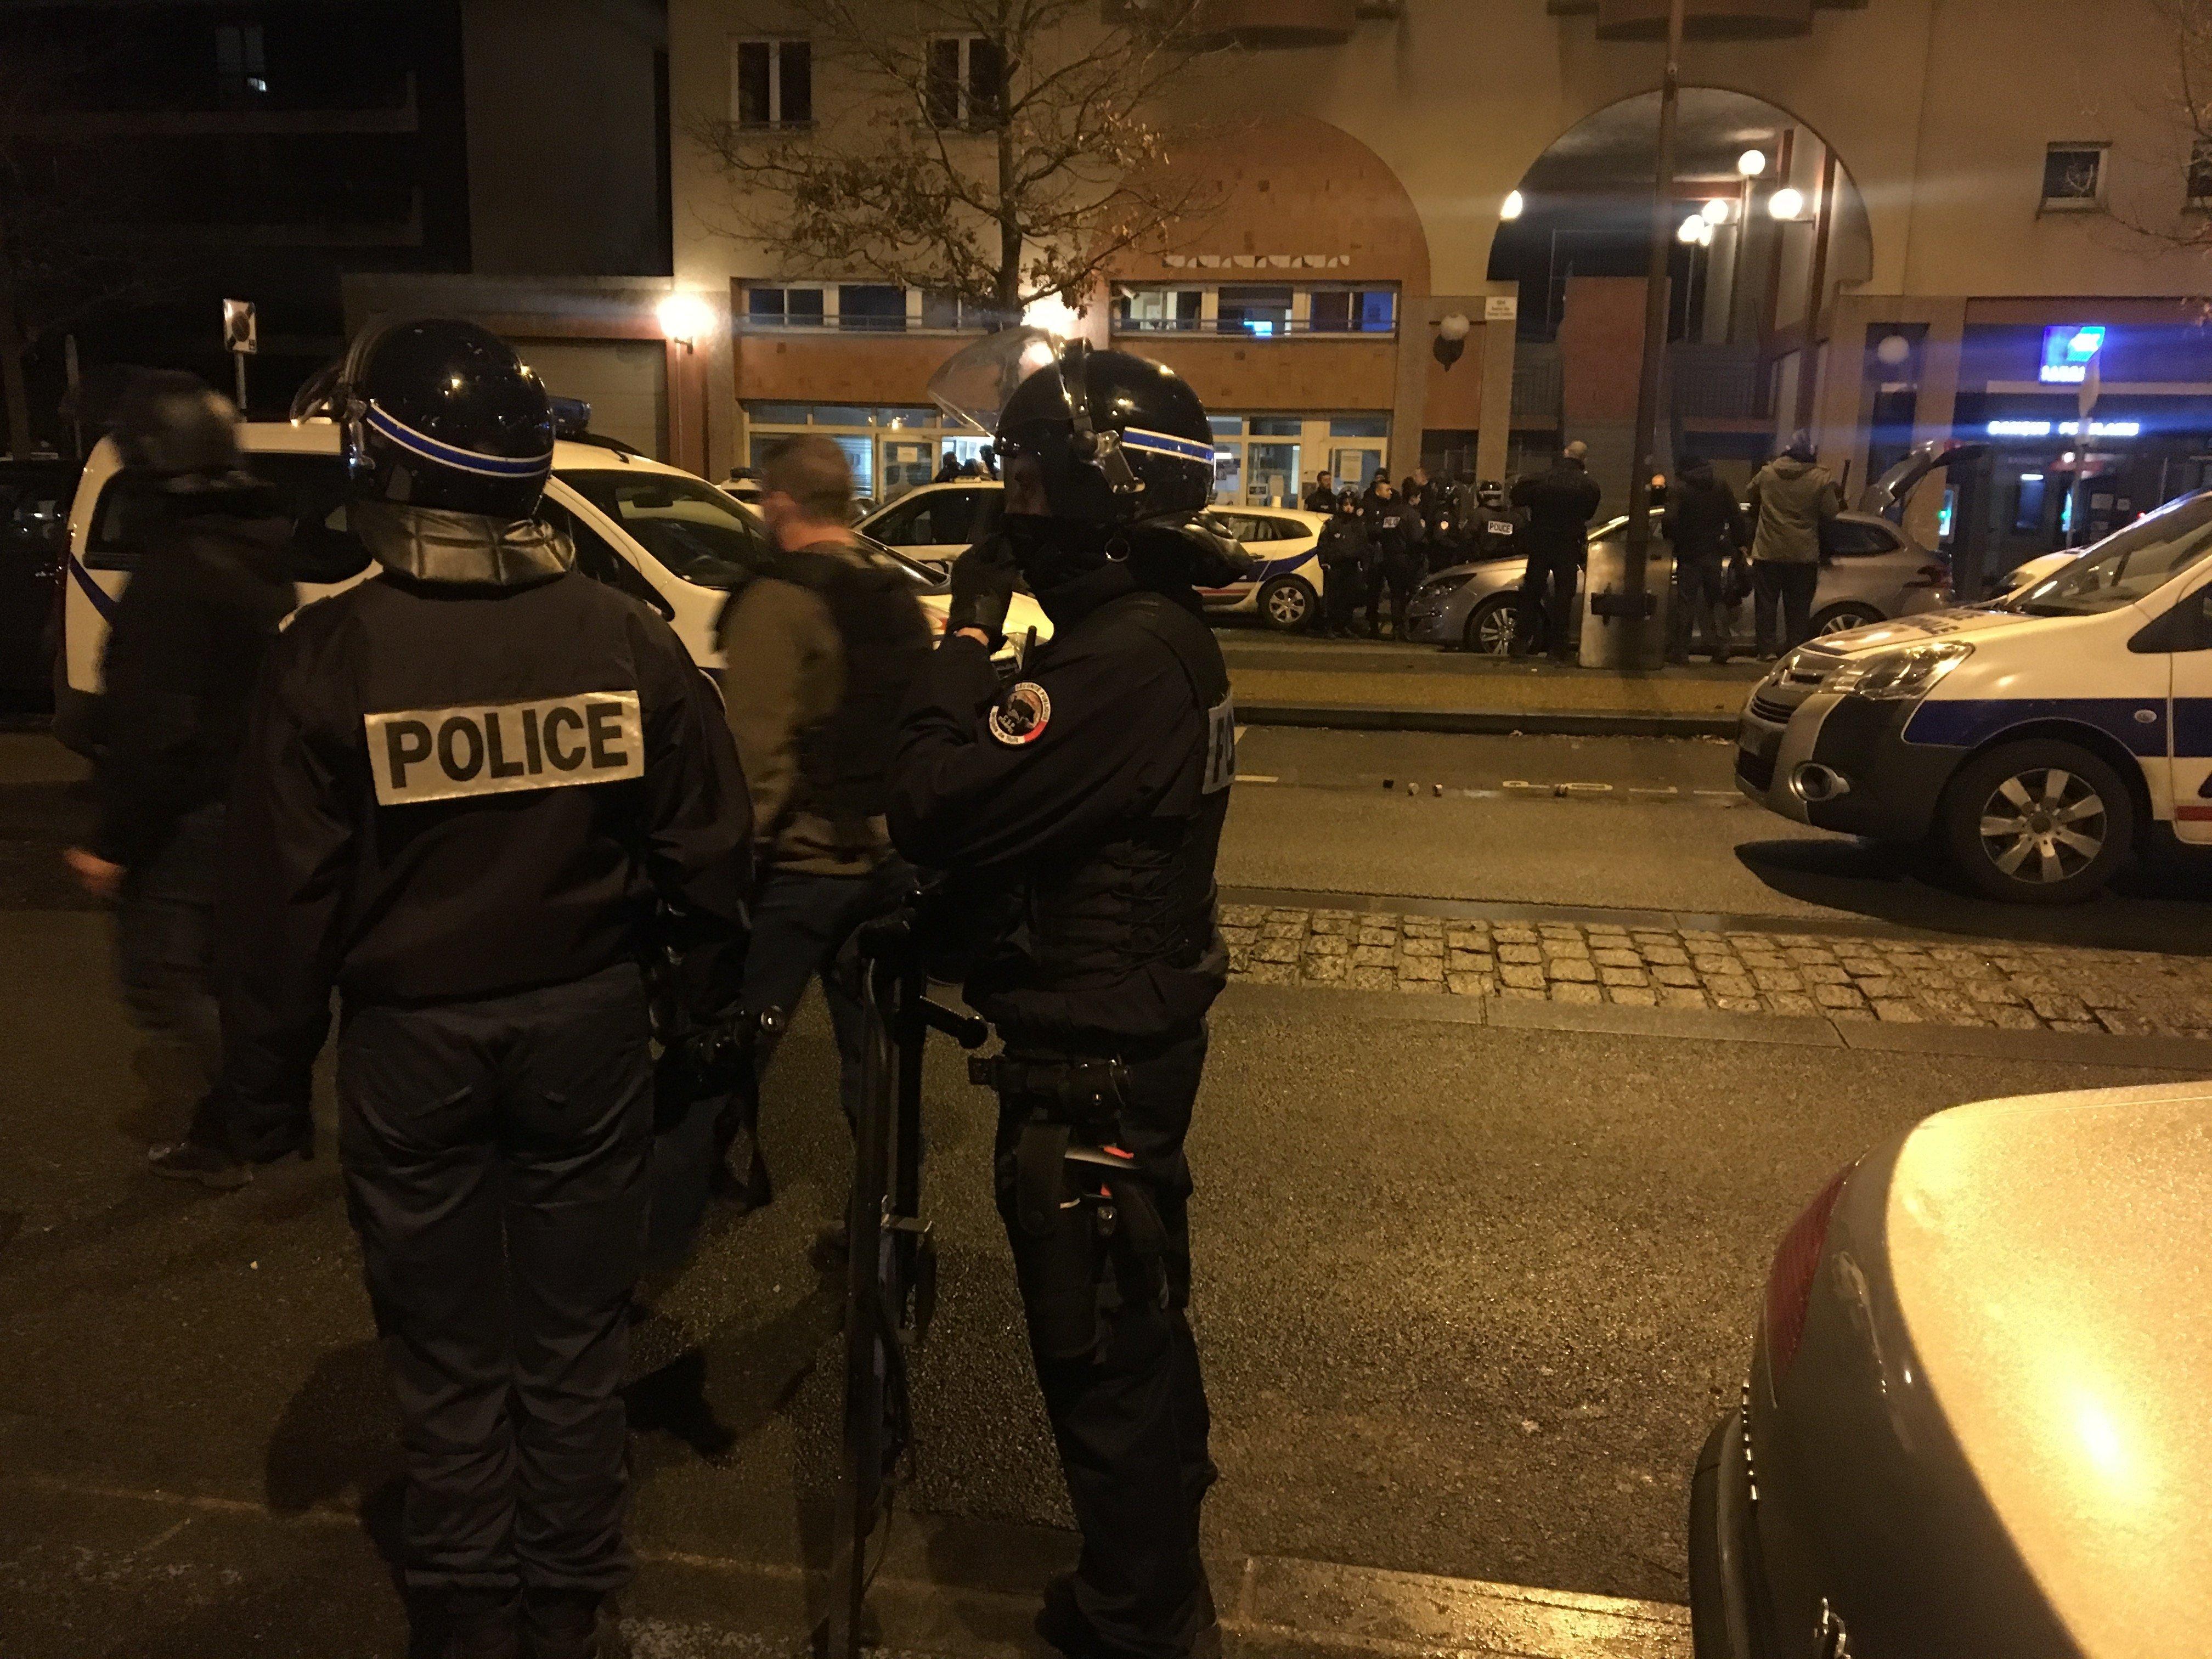 Police lors des émeutes